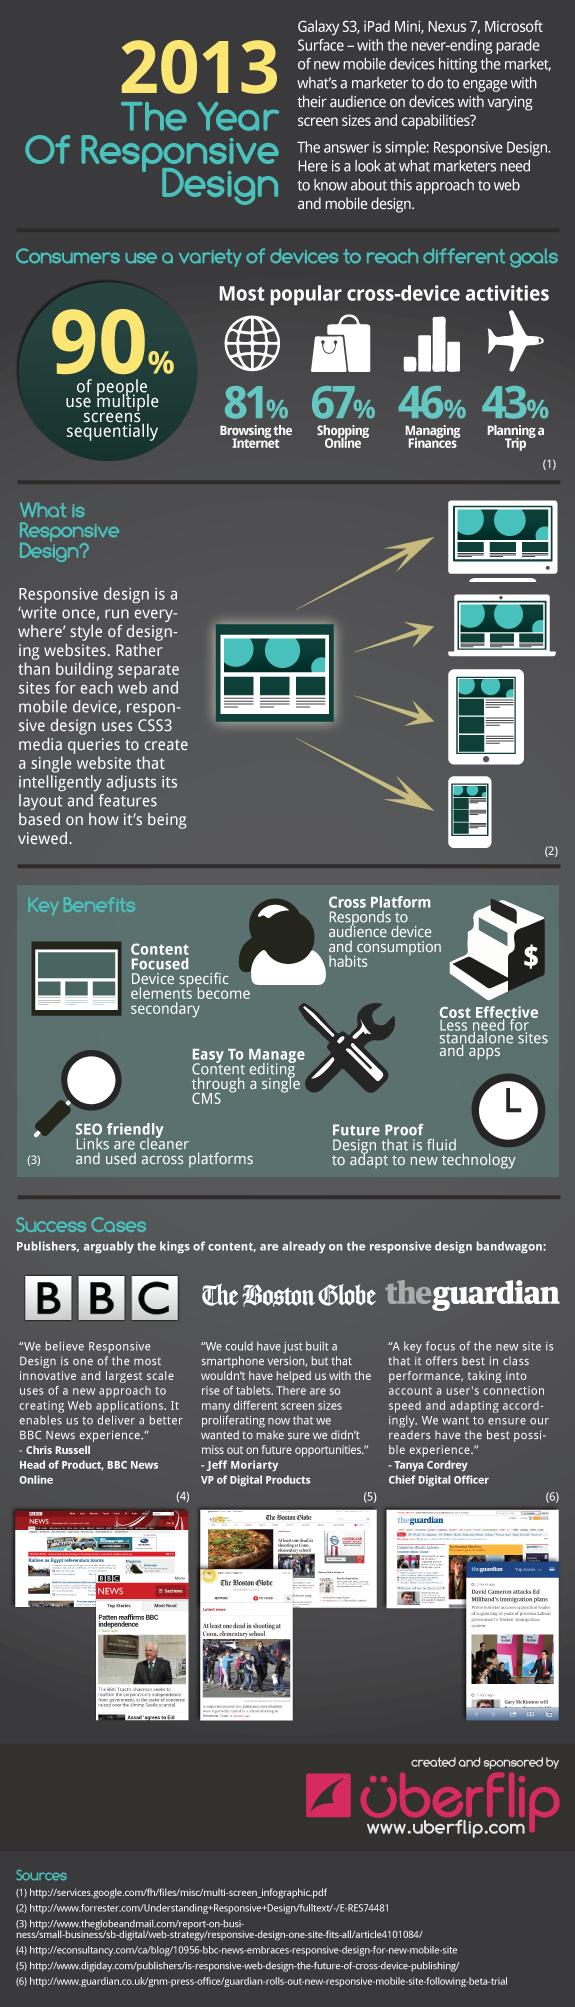 온라인 사용자의 90 %는 여러 장치를 사용하고, 그들 모두 수용하는 웹 사이트가 중요합니다. 2013 The Year of Responsive Design